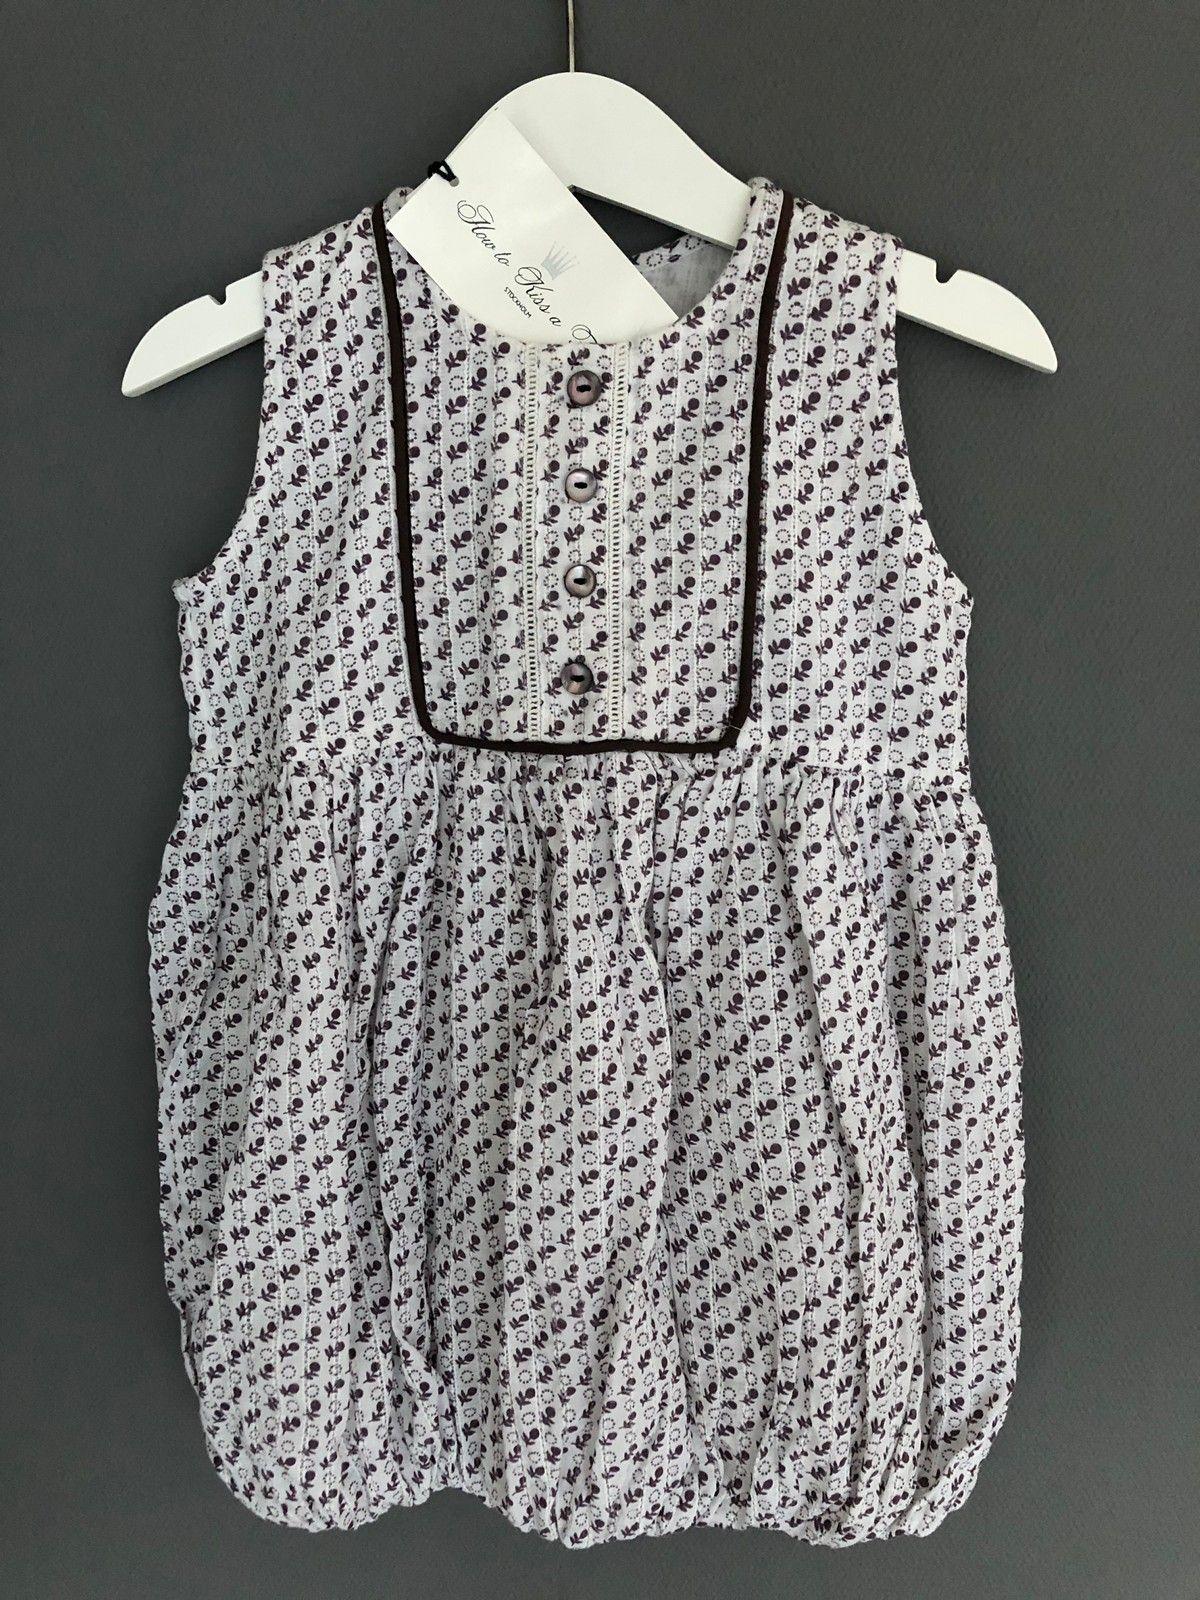 c0f03c46 Helt ny kjole fra How to Kiss a Frog i str. 2 år. Selges for 200,- (1/3)